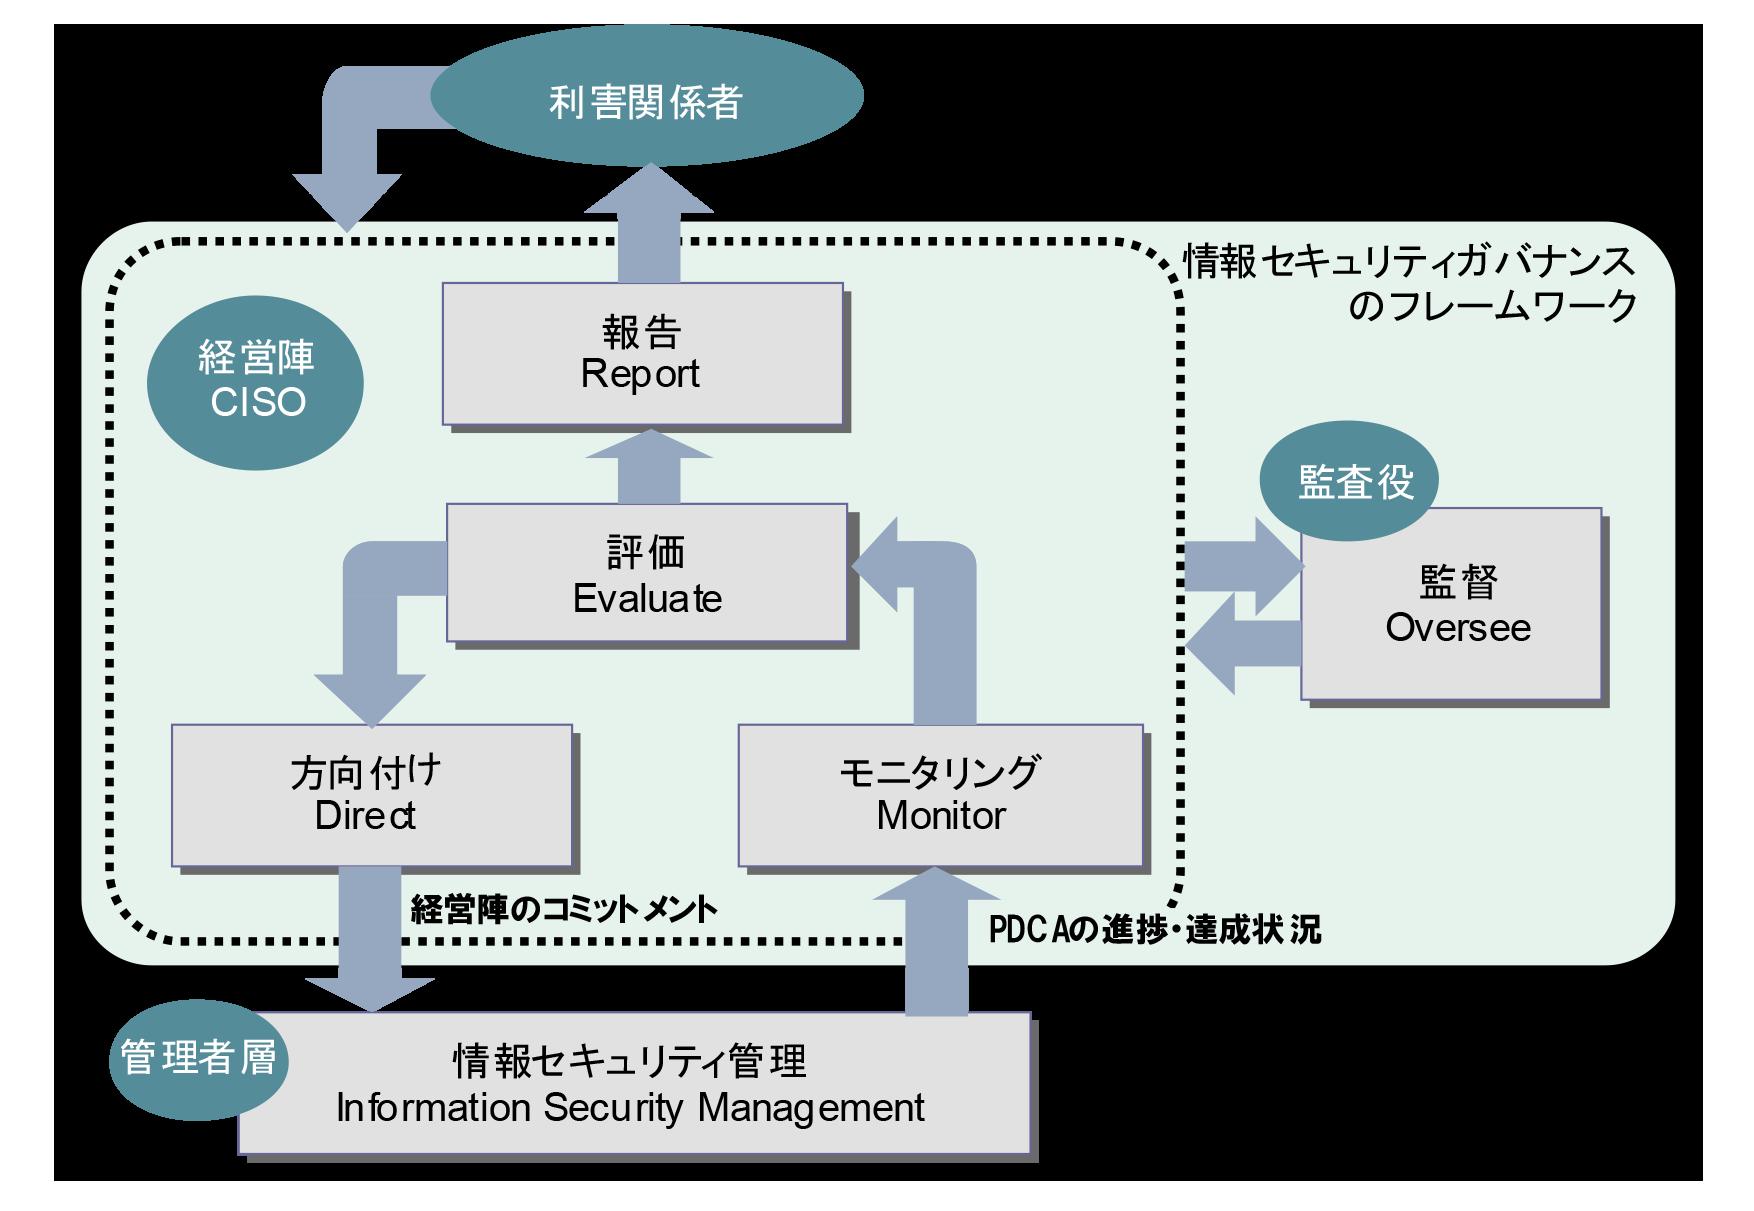 情報セキュリティガバナンスのフレームワーク